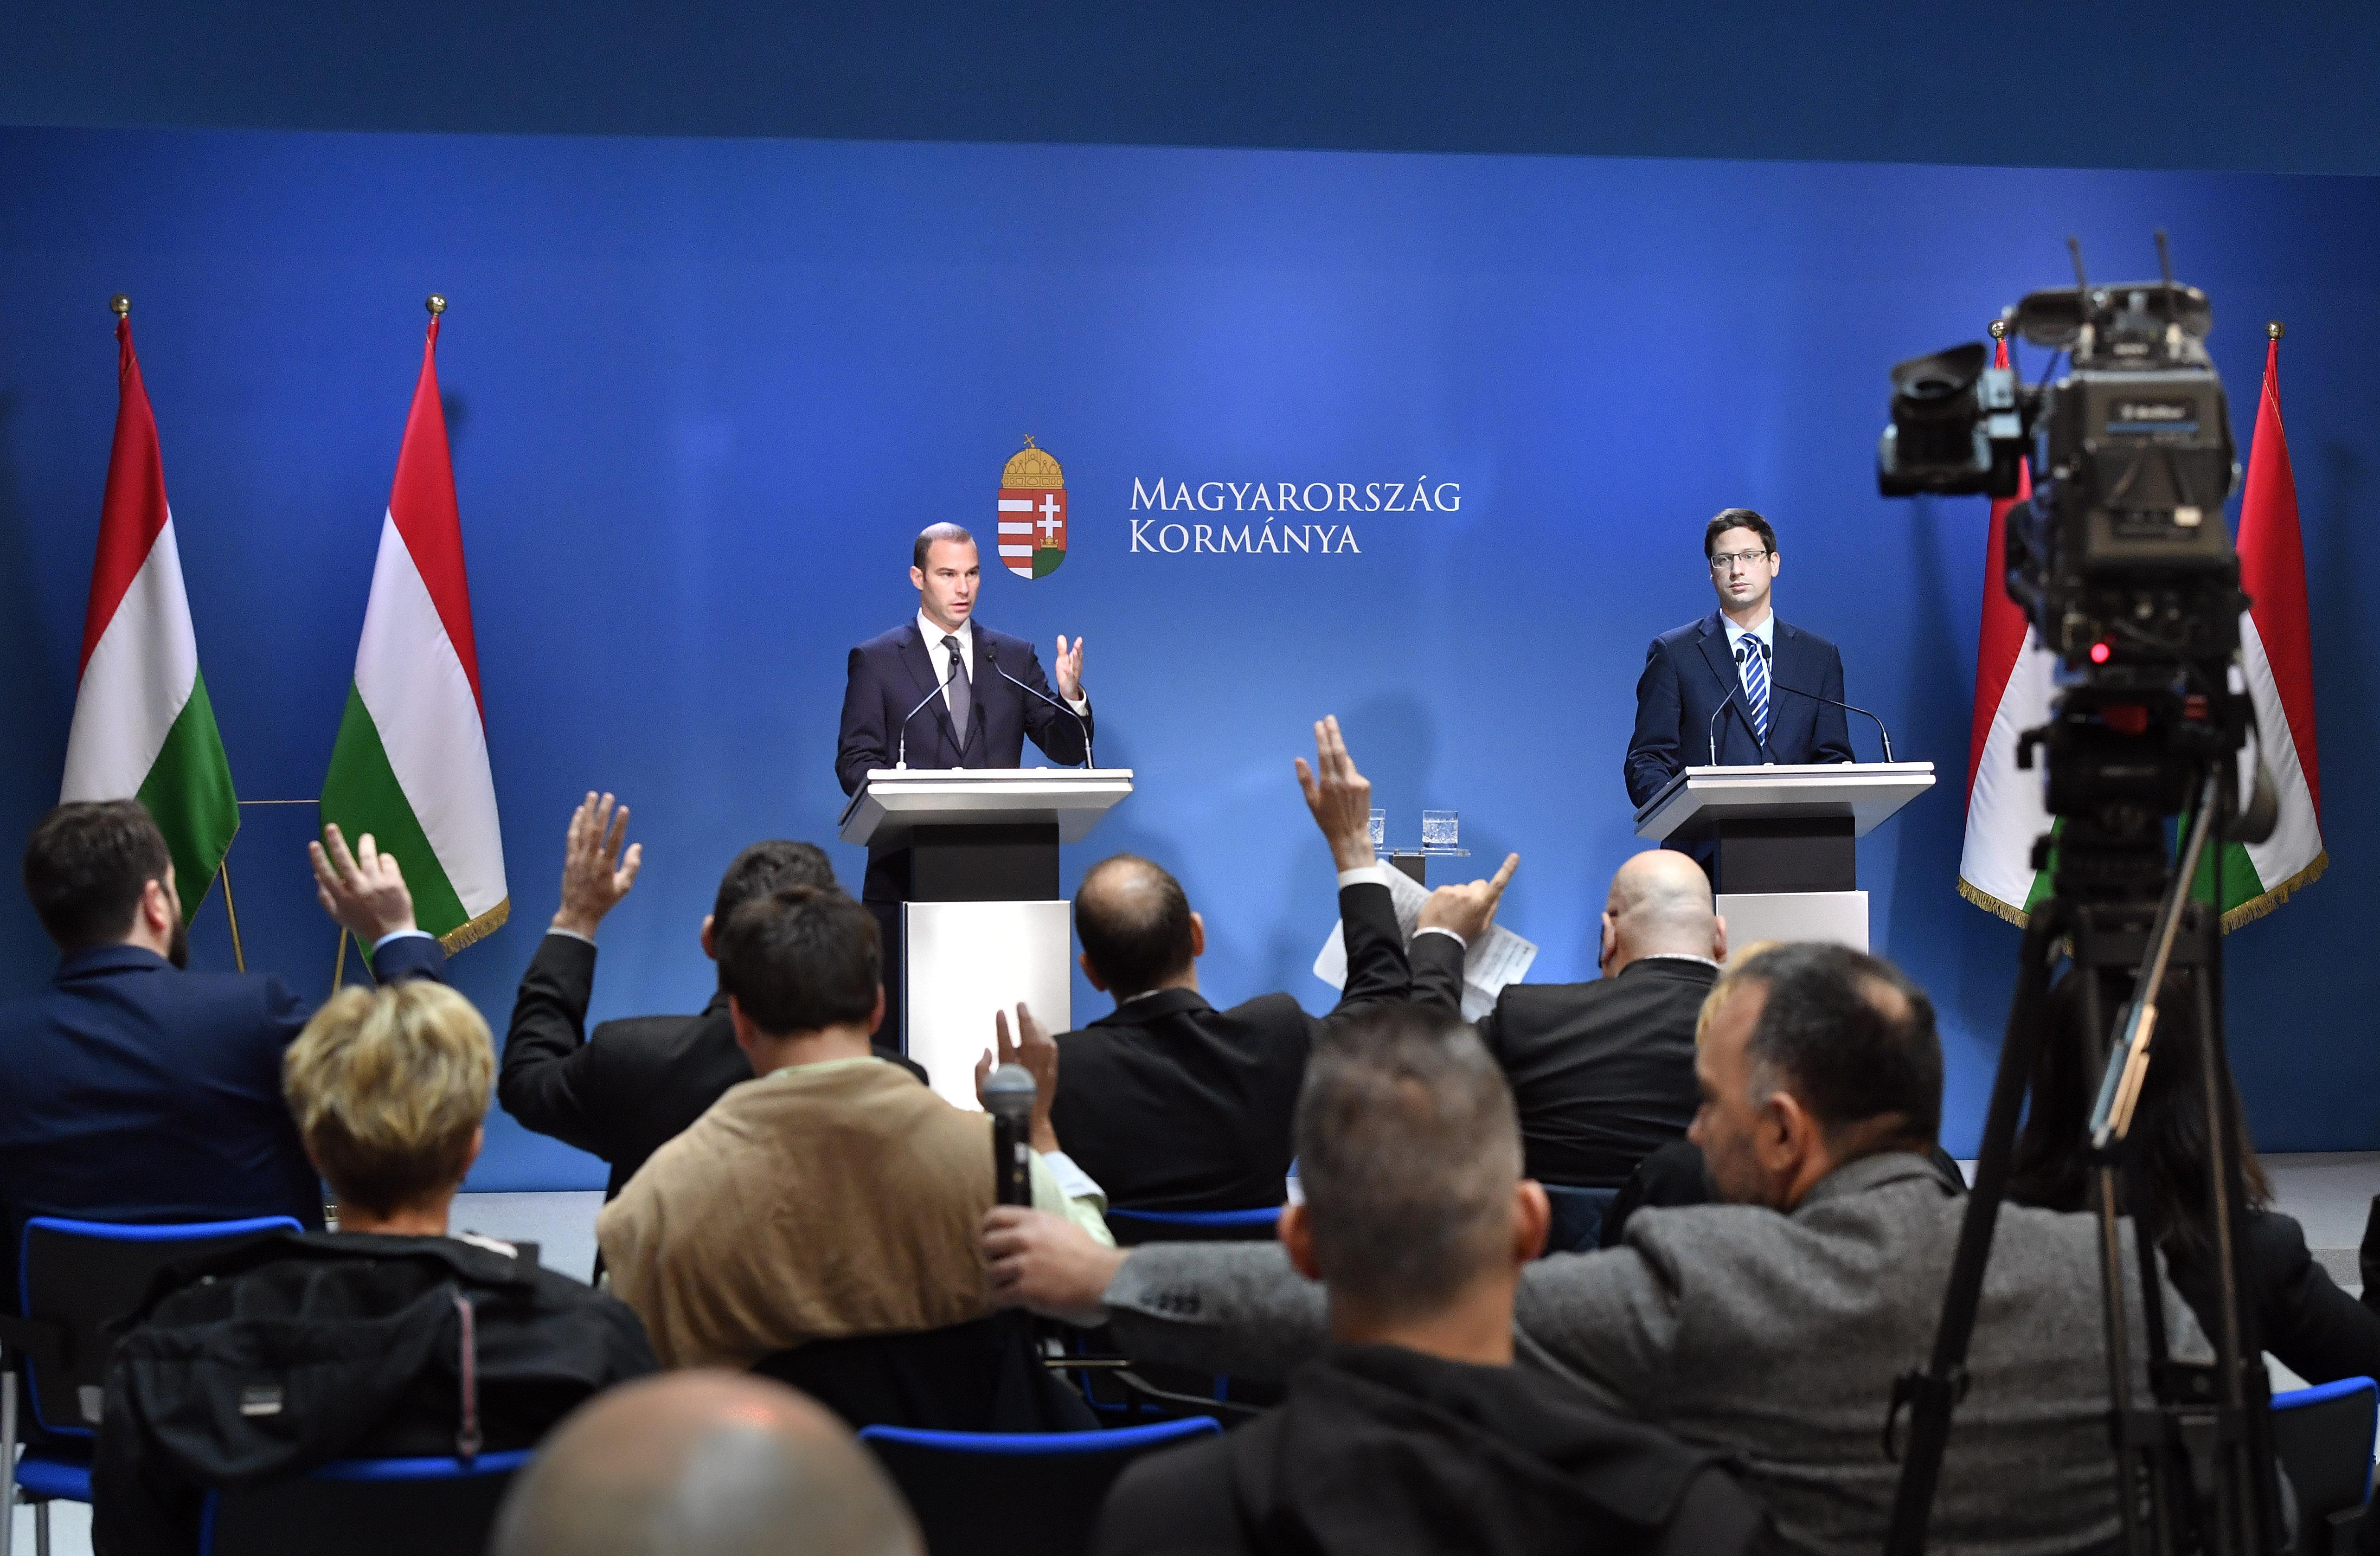 Kanzleramtsminister Gulyás: Die Fidesz-Mitgliedschaft hängt von der Richtung der EVP nach der Wahl ab post's picture